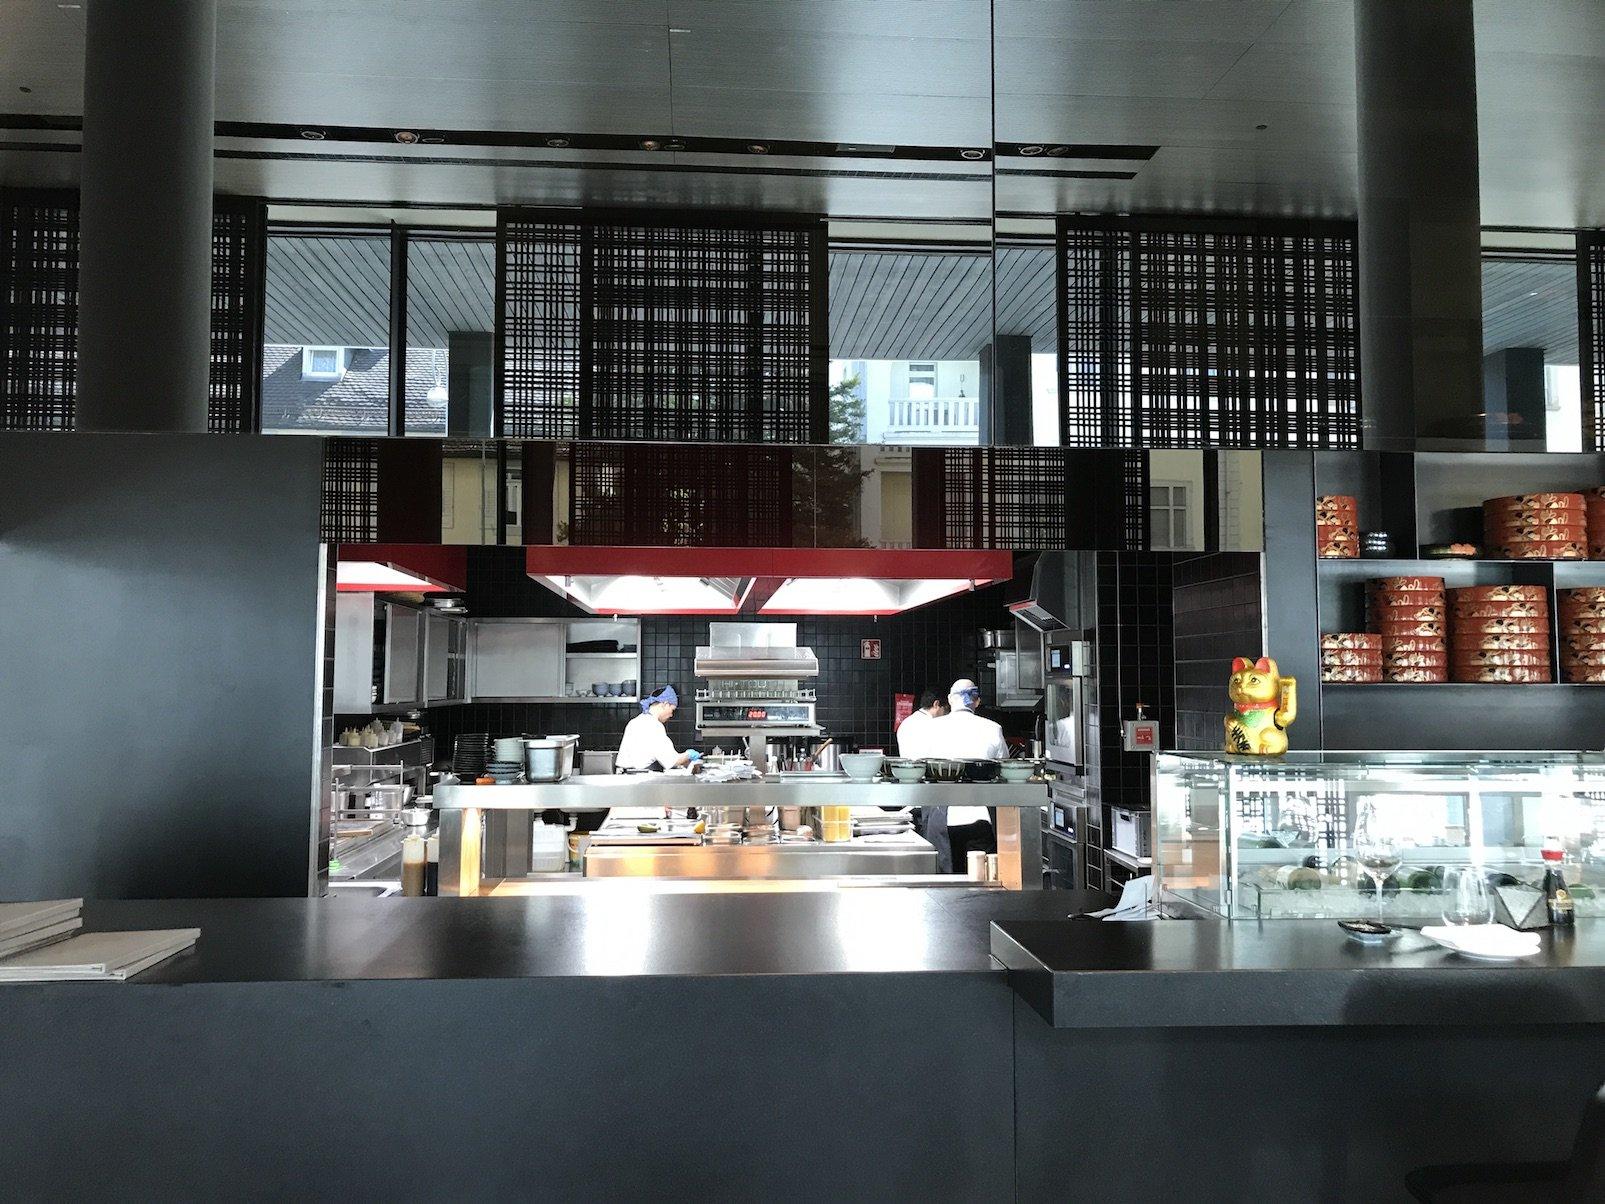 Die Küche im Restaurant moriki ist offen und Du kannst zuschauen, wie Dein Essen zubereitet wird